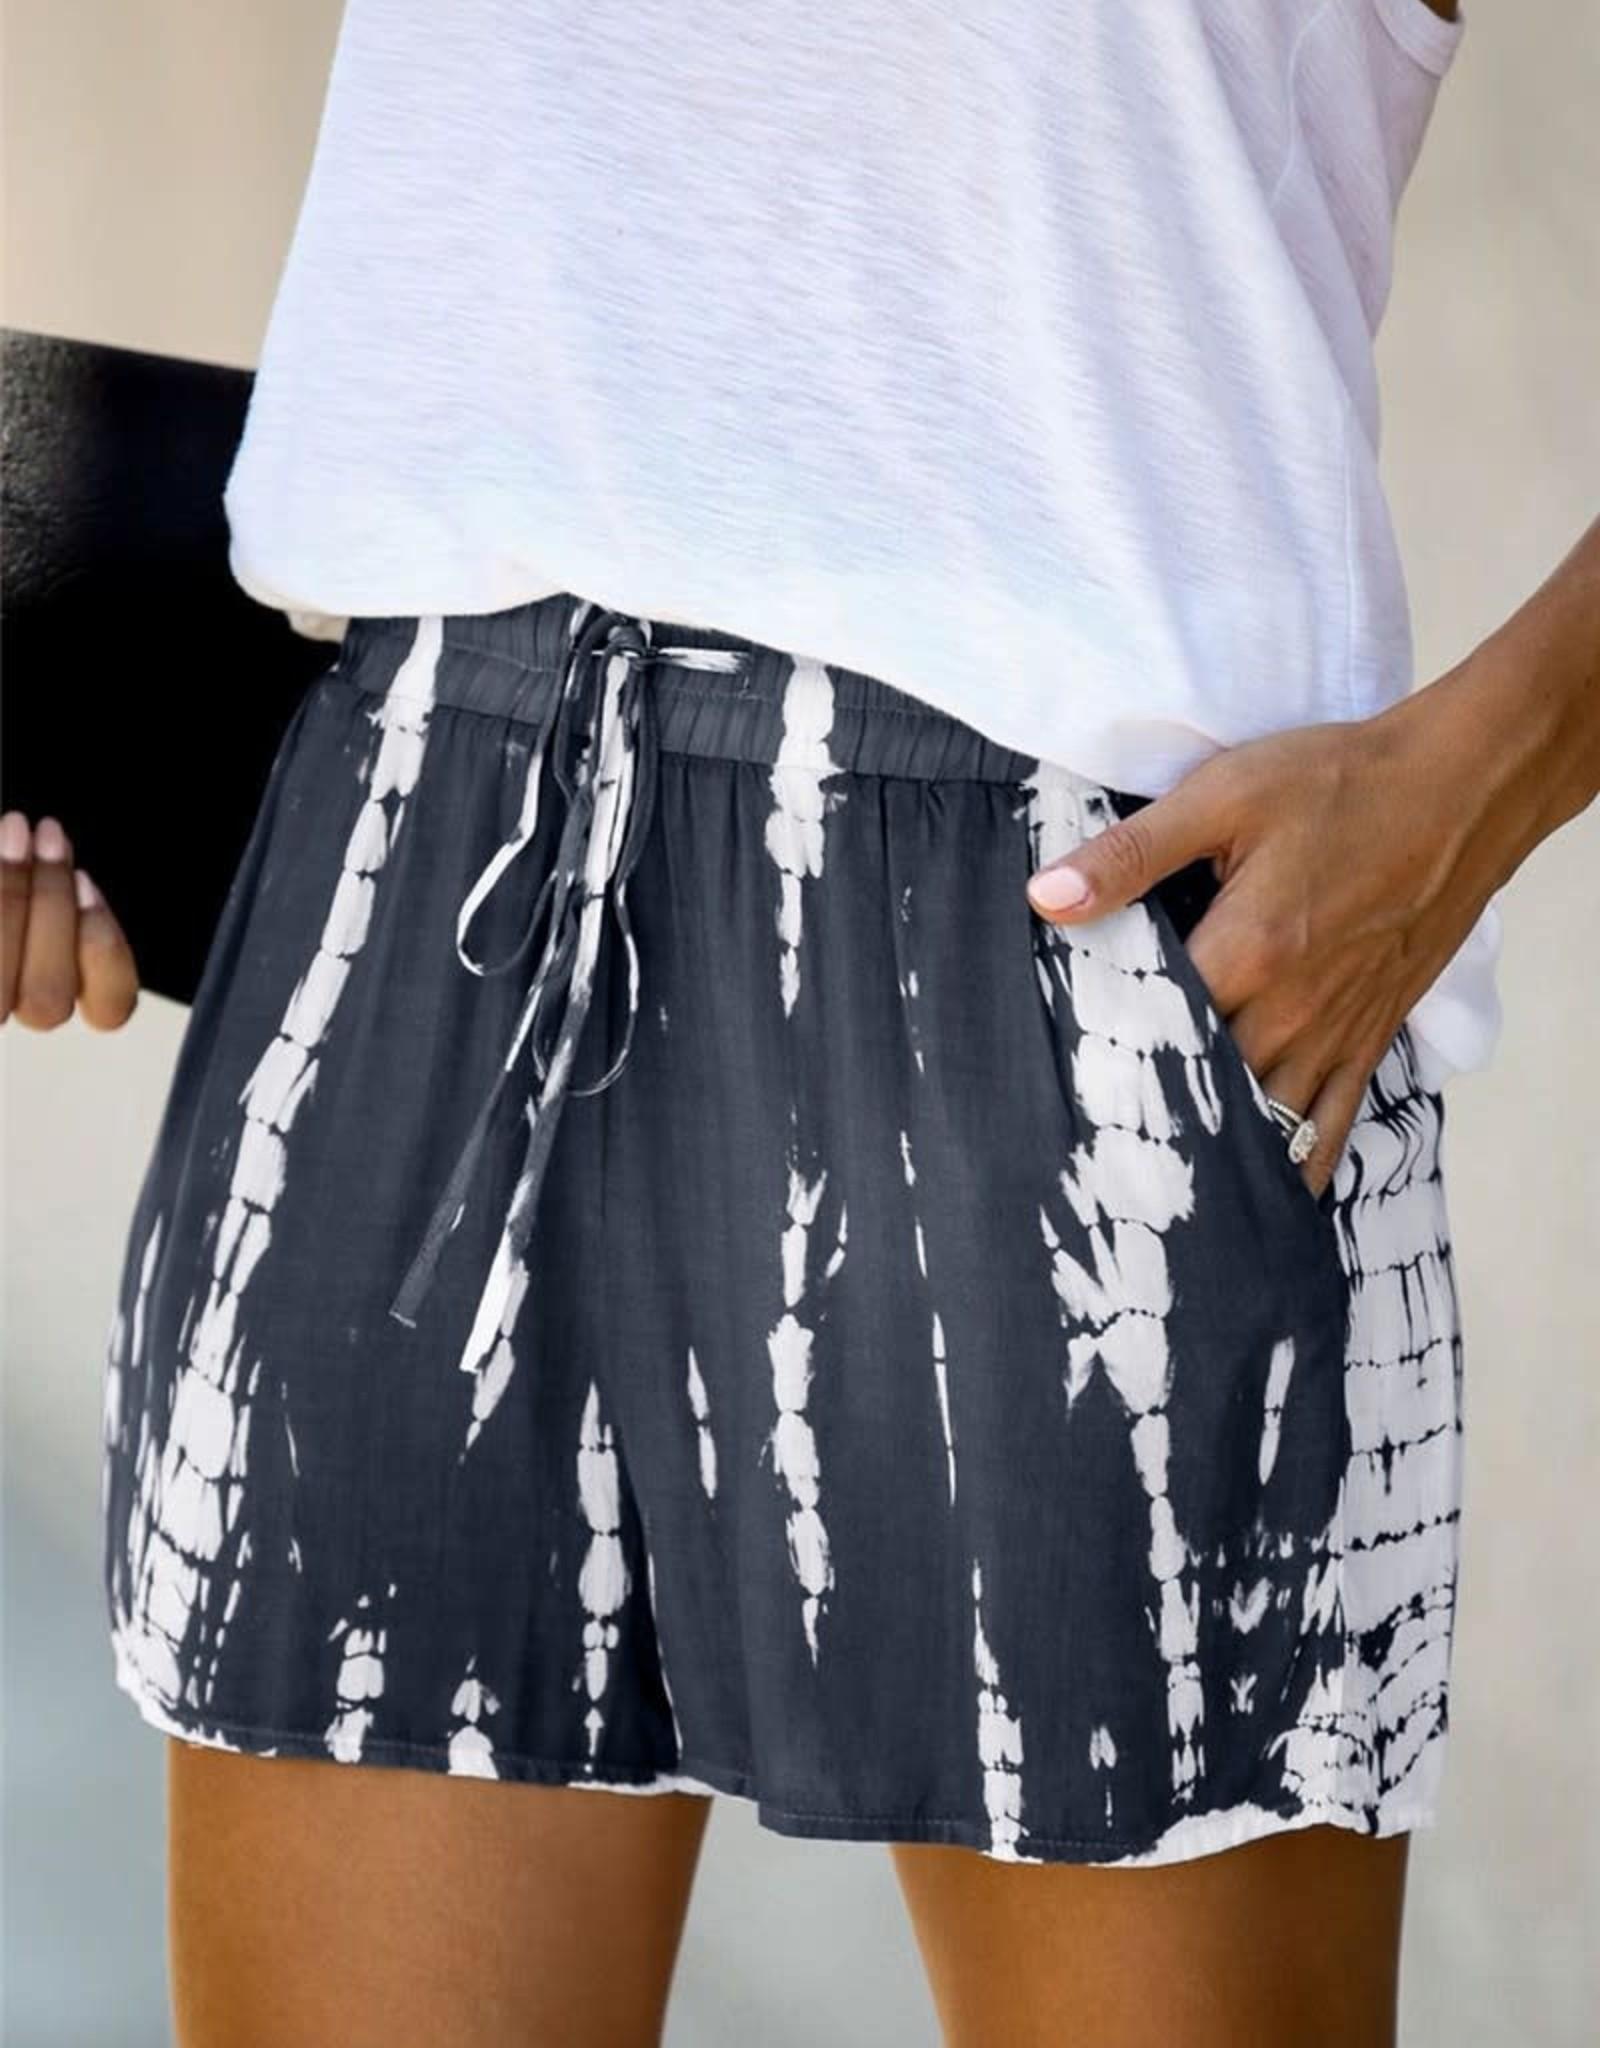 Wink Charcoal Tie Dye Shorts